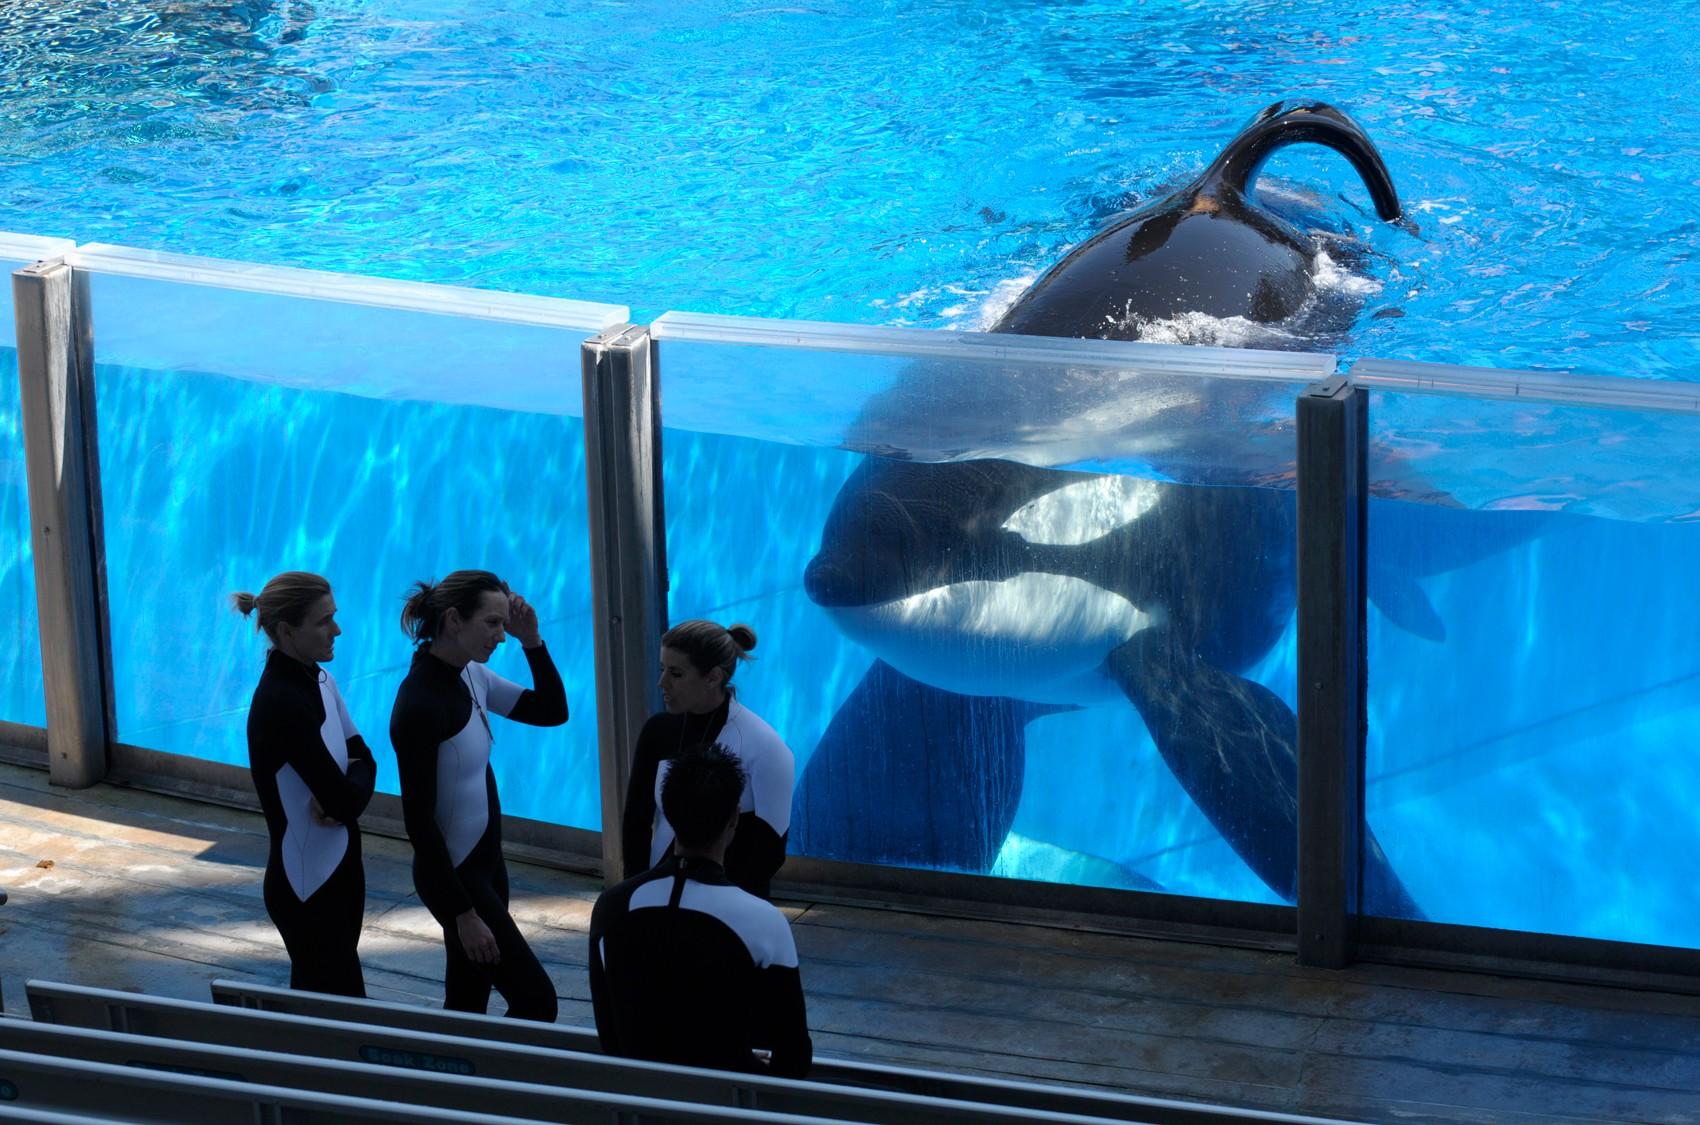 Agência de turismo deixa de vender viagens ao SeaWorld por preocupações com o bem-estar dos animais